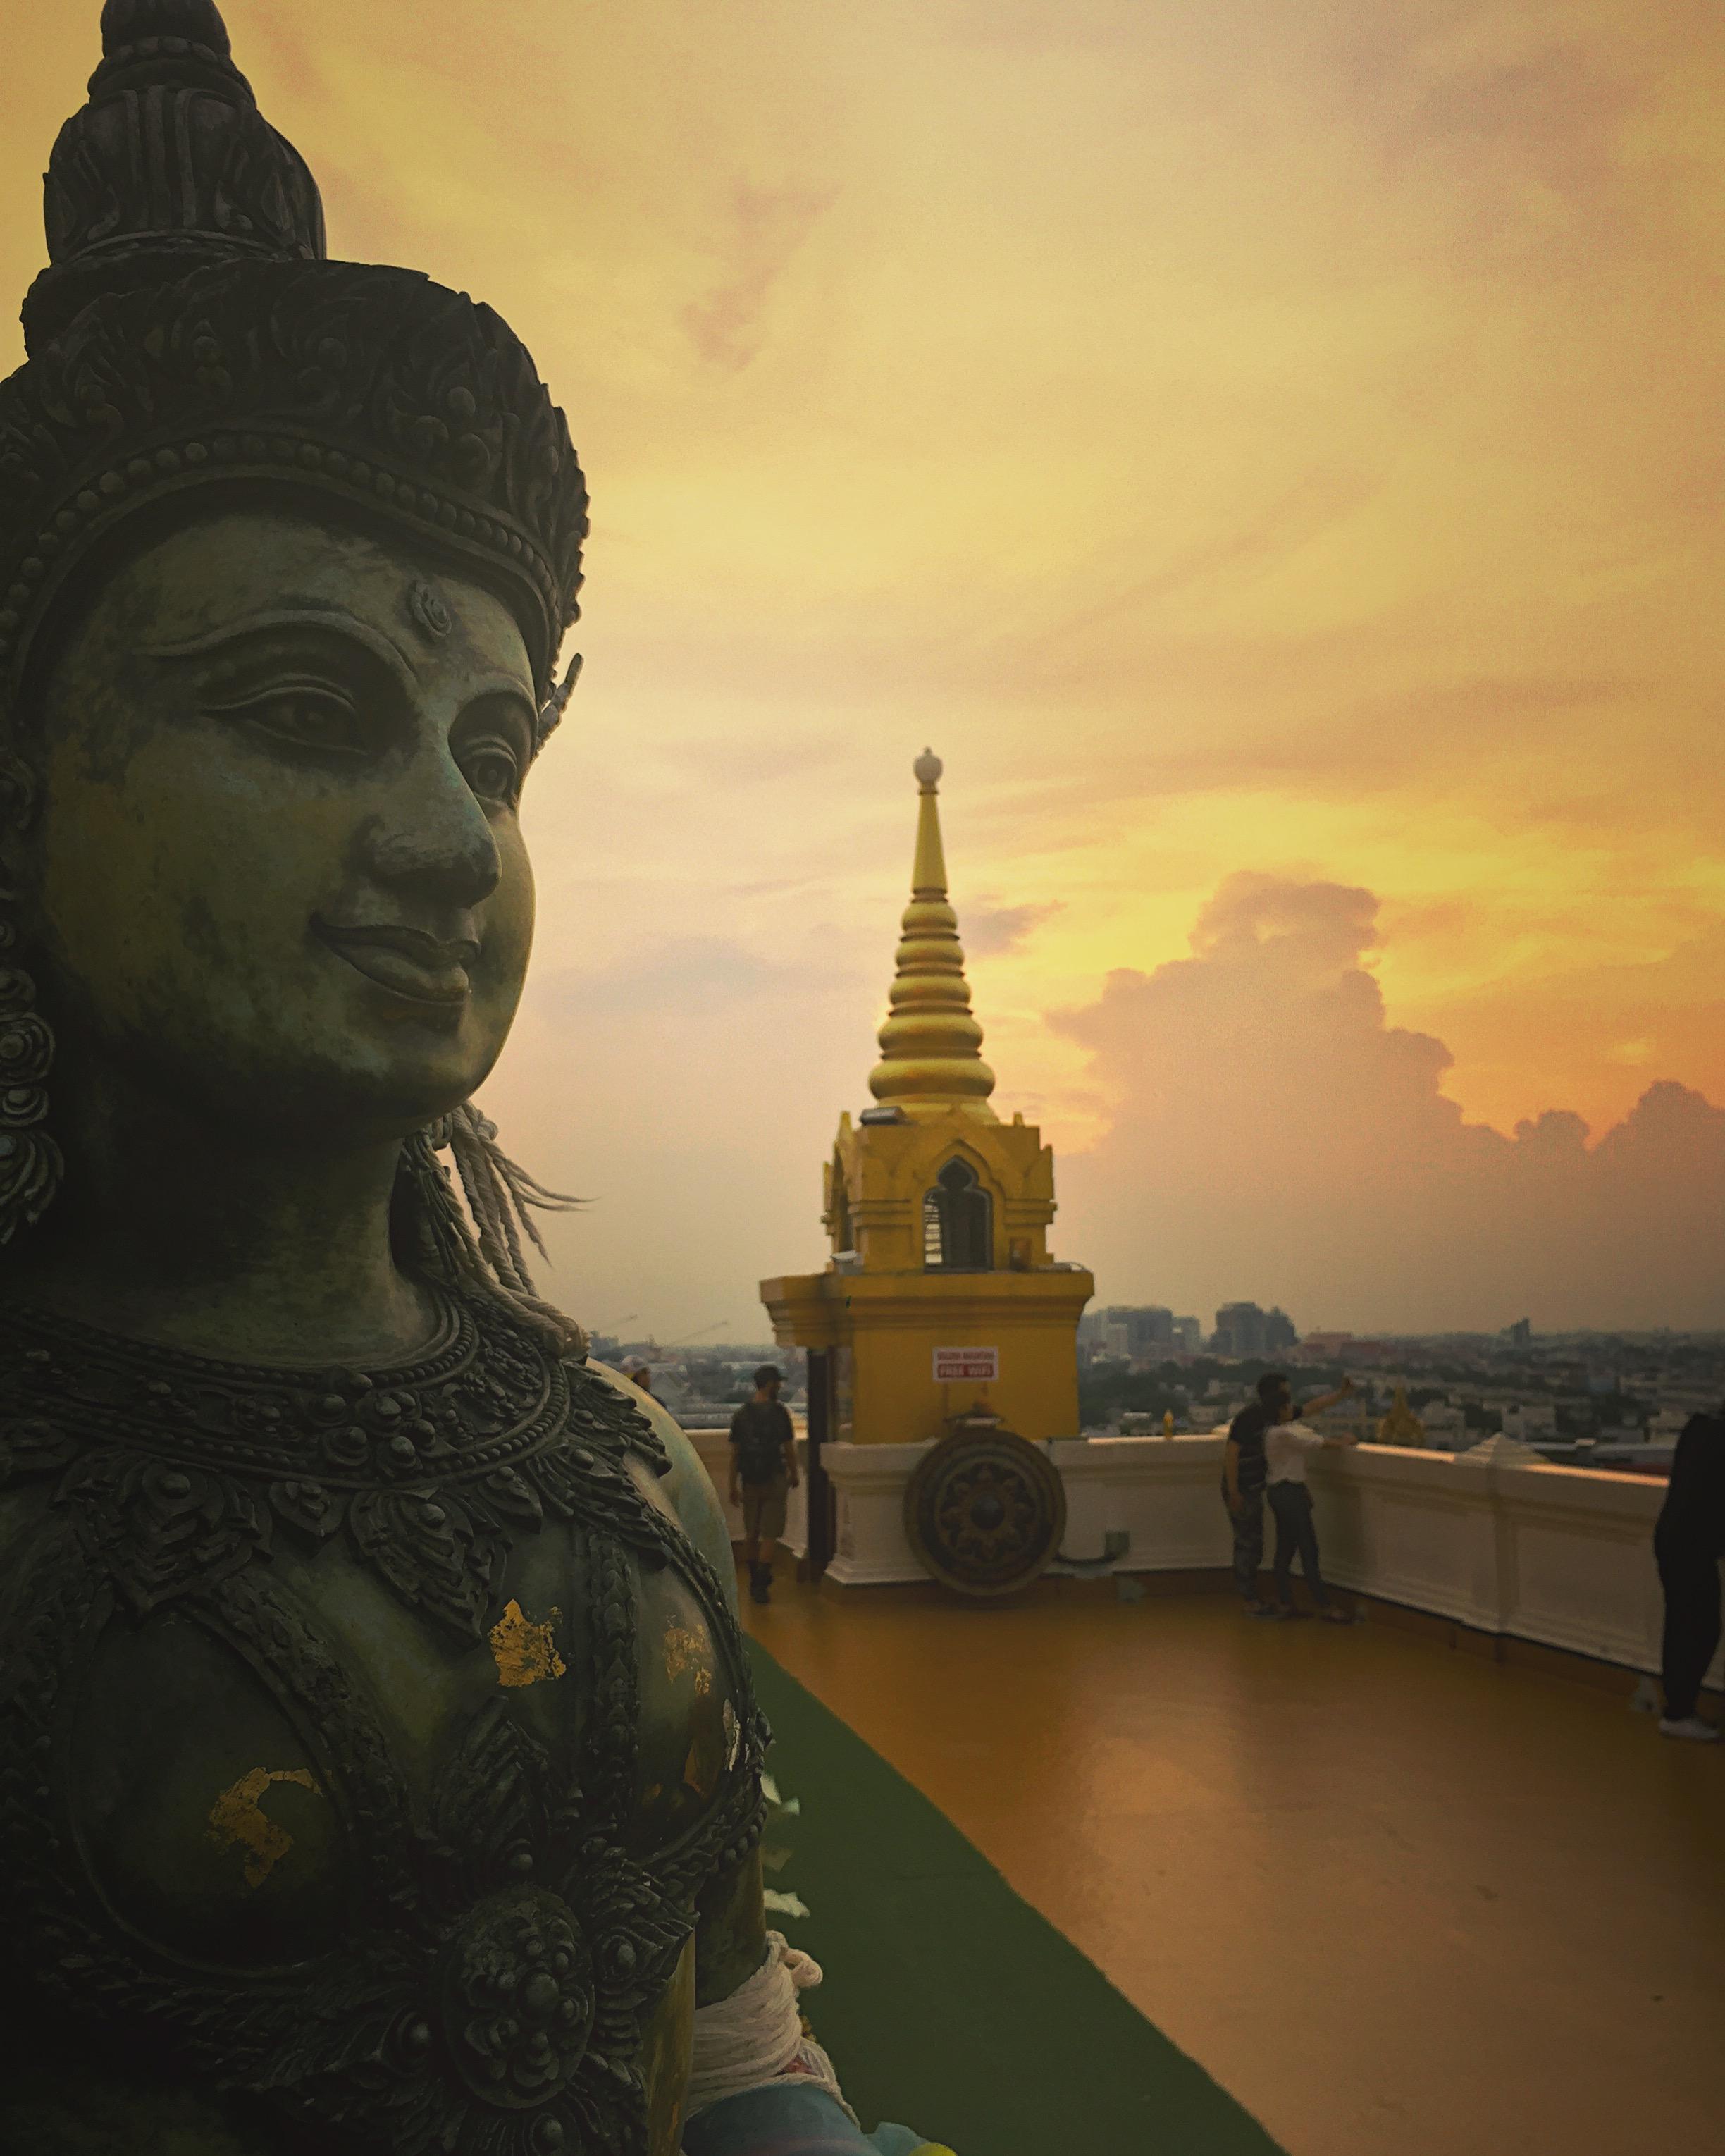 Sunset at the Golden Mount (Wat Saket)